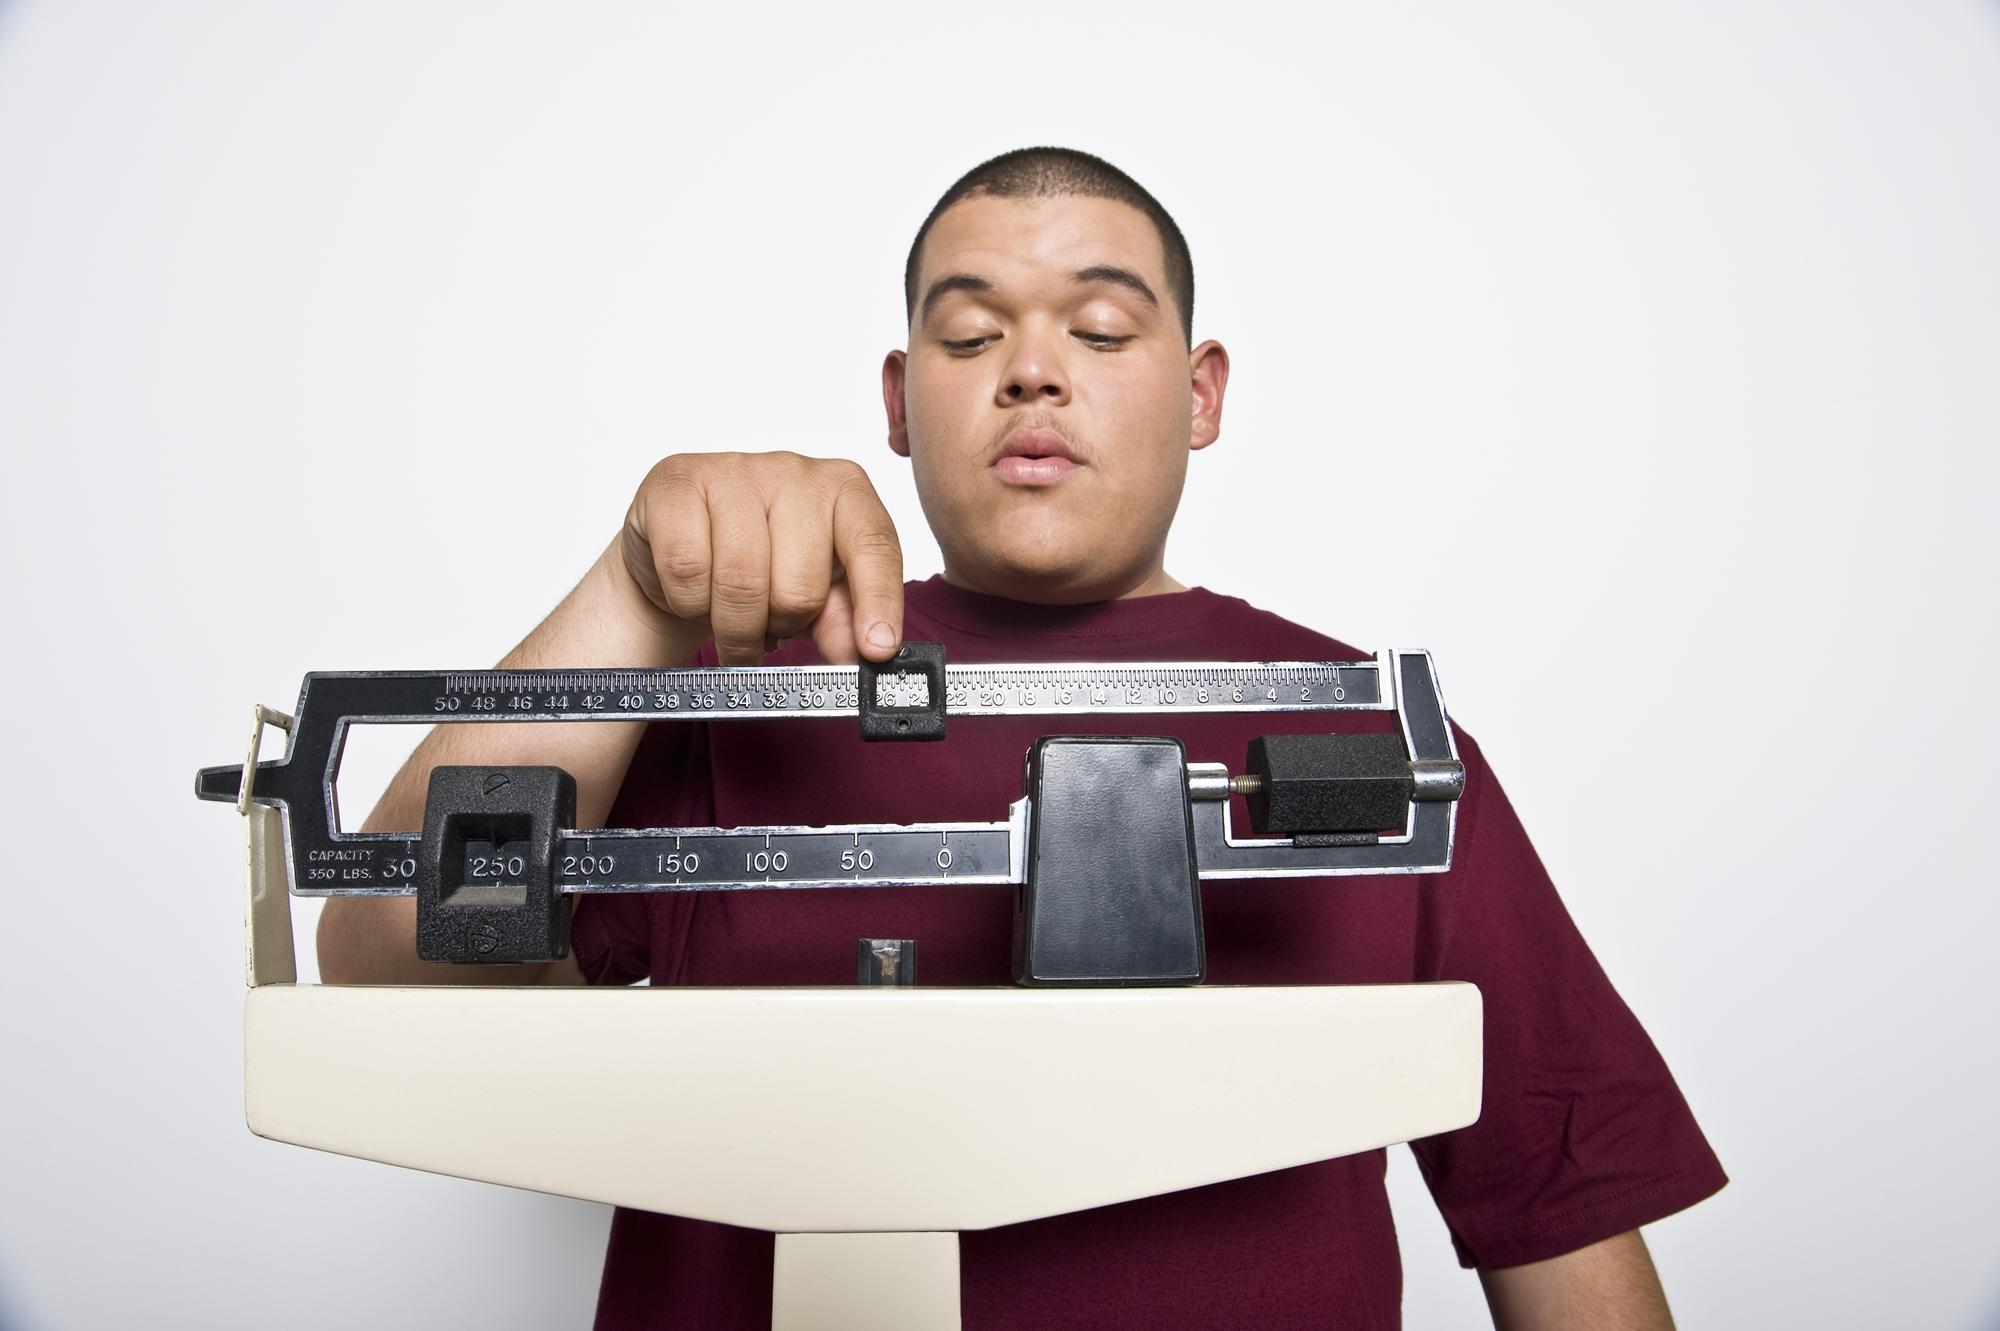 Наночастицы доставляют препараты против ожирения прямо к источнику проблемы